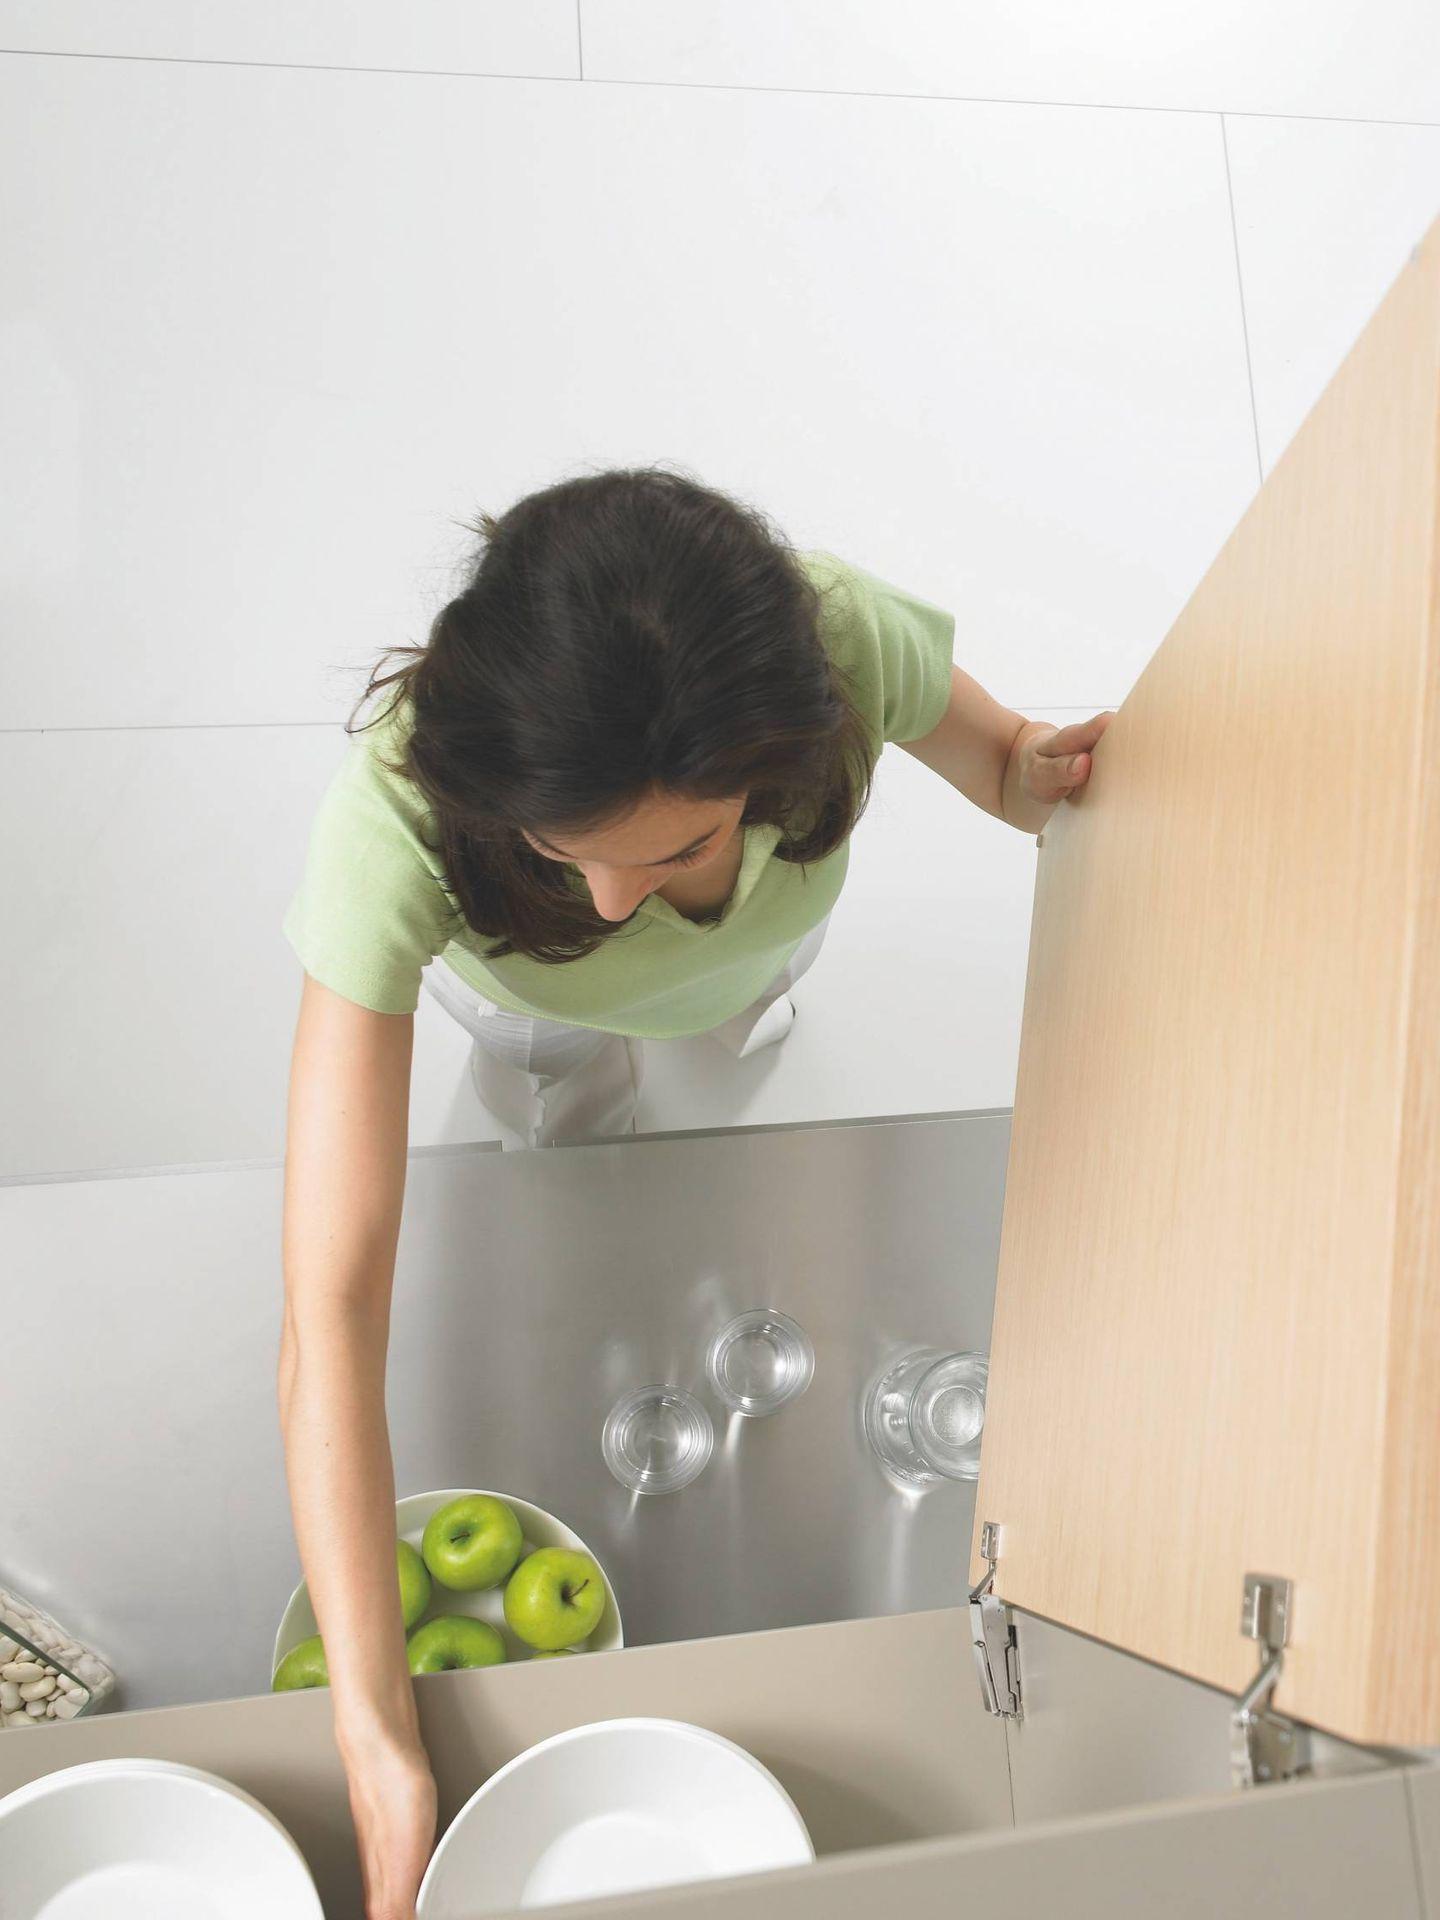 Mantén tu casa en orden con este sencillo método. (Grass America para Unsplash)